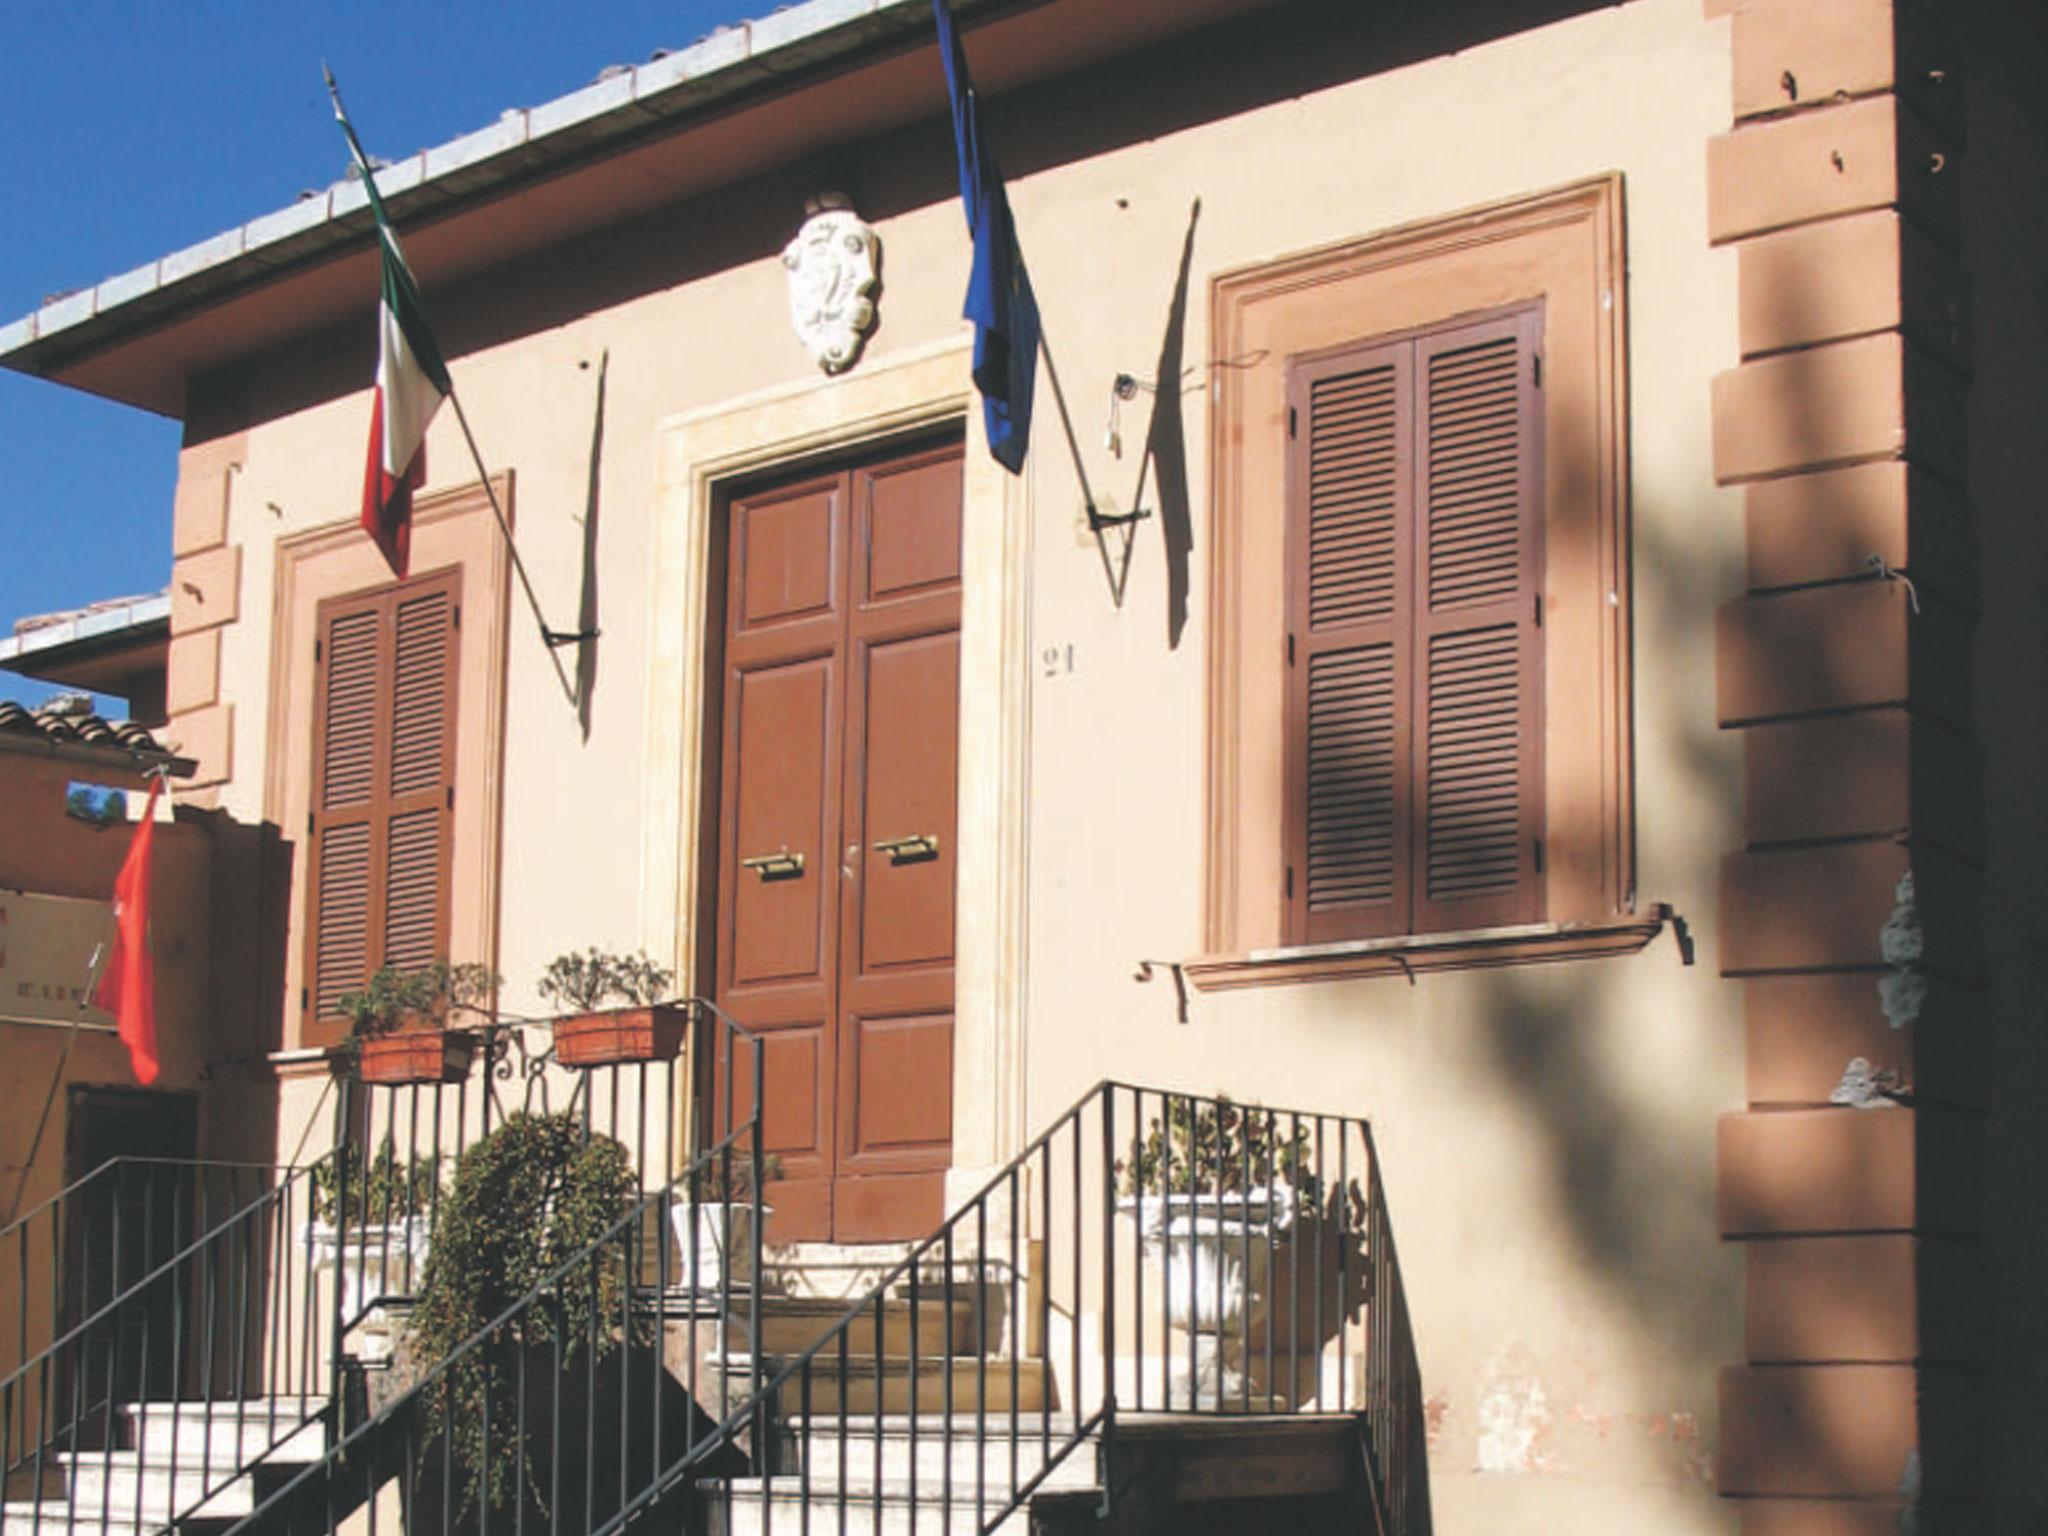 filettino-verifiche-tecniche-chiesa-di-s-bernardino